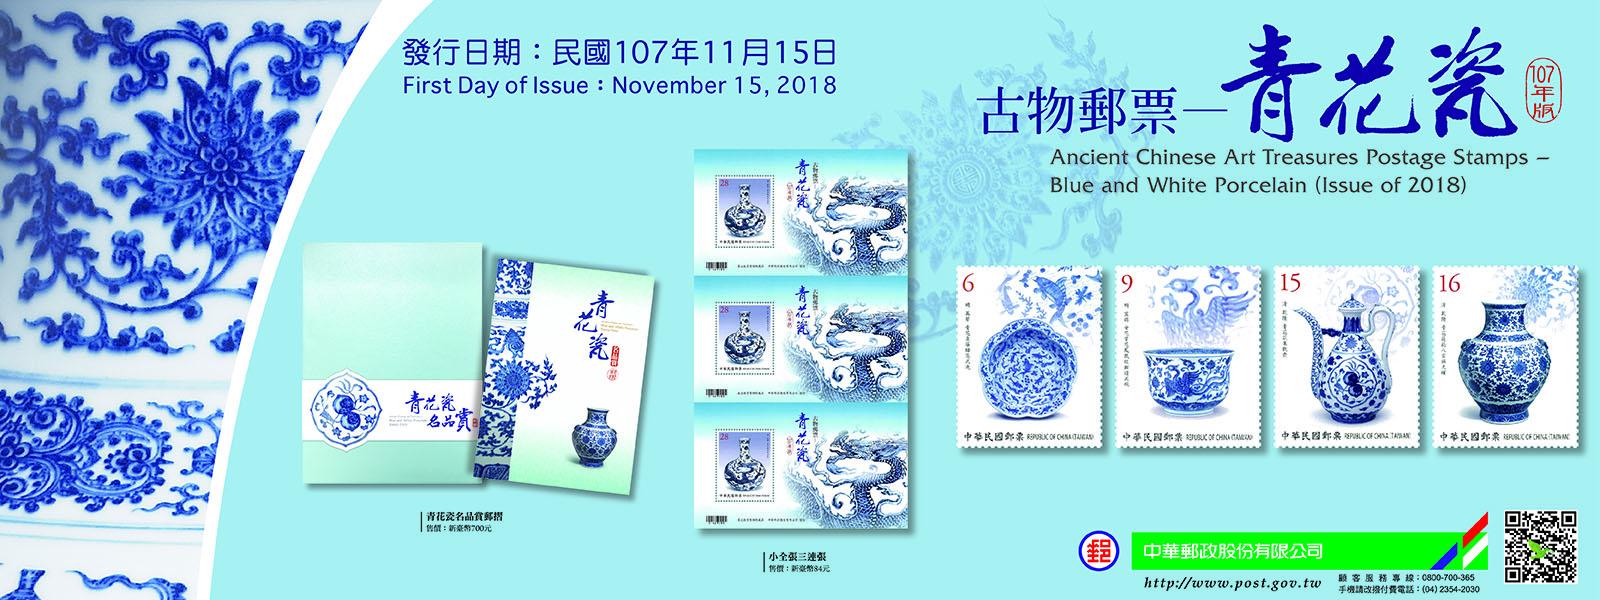 廣告連結:古物郵票-青花瓷(107年版)